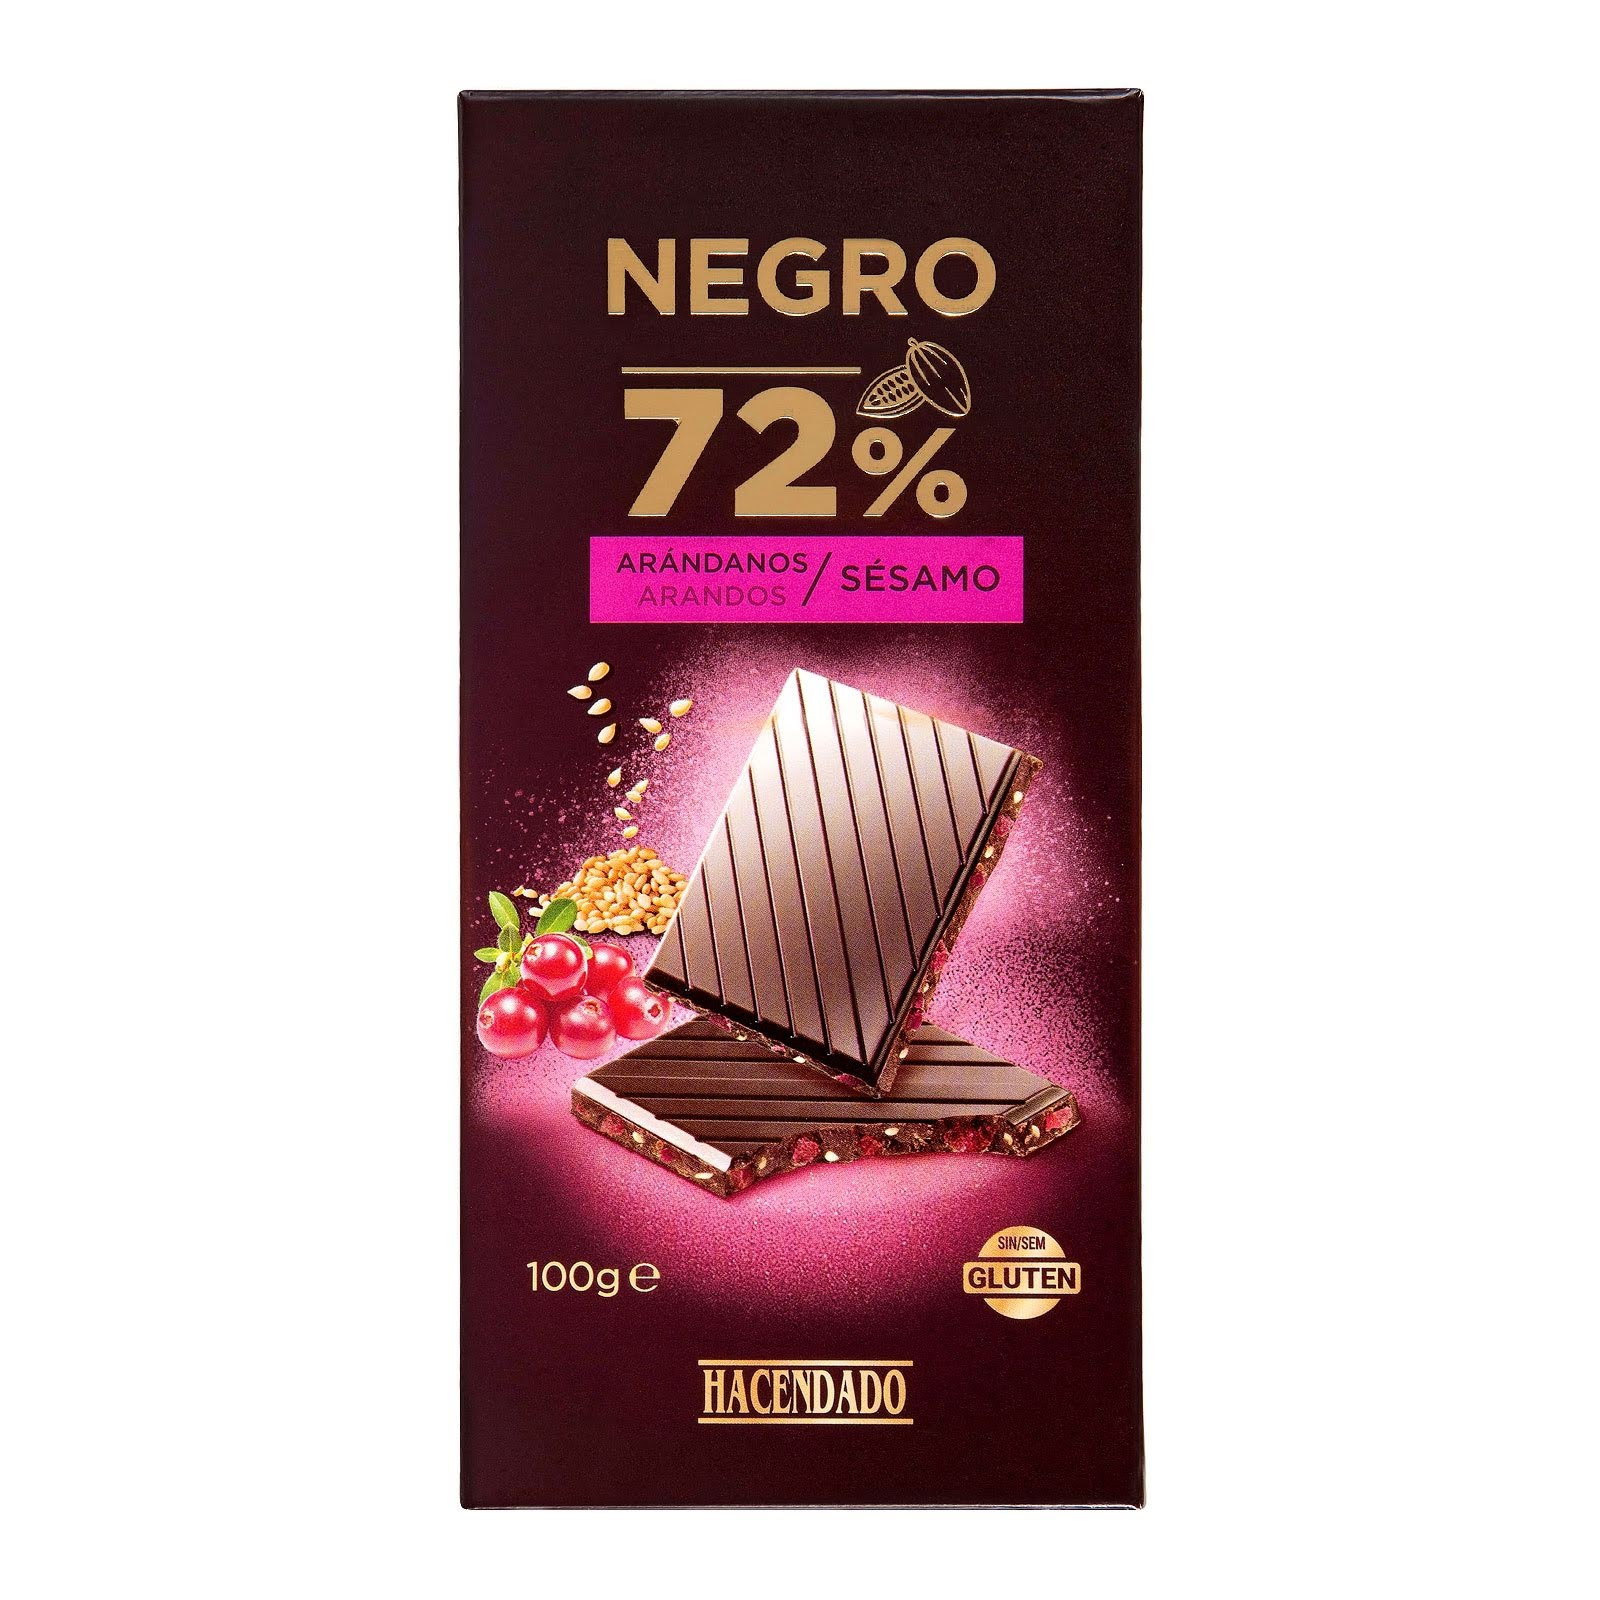 Chocolate negro extrafino 72% de cacao con arándanos y sésamo Hacendado